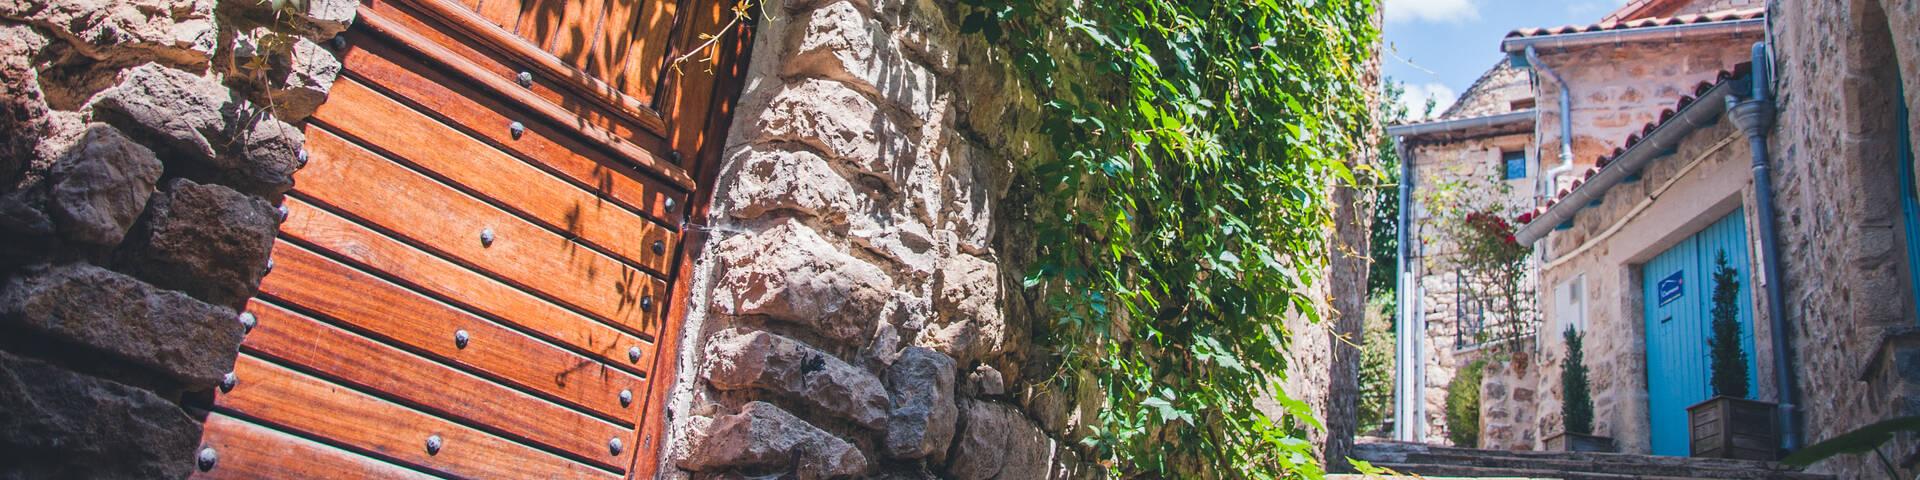 Liaucous, aux portes des Gorges